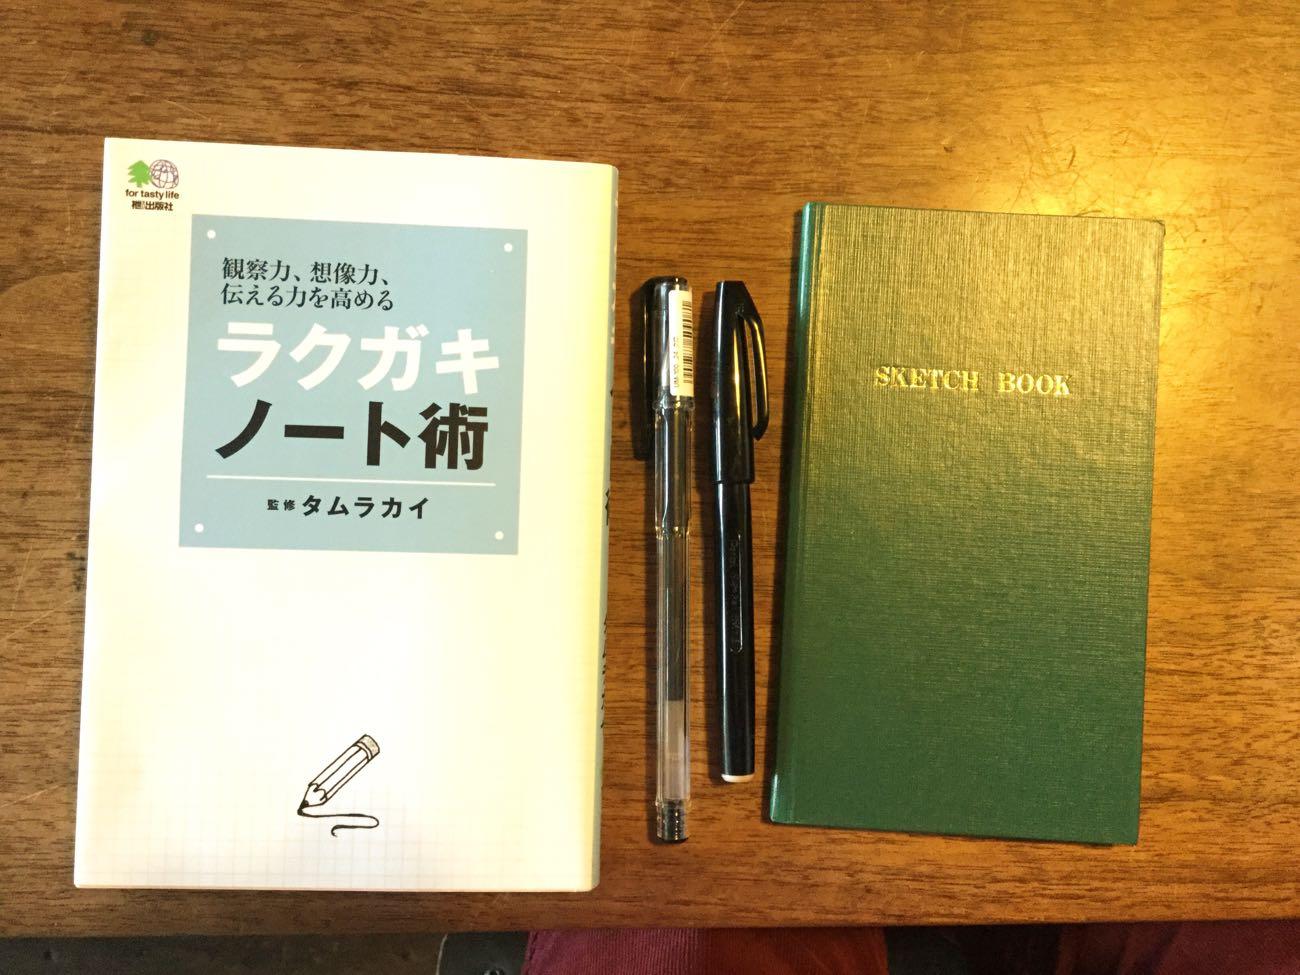 タムカイさん著書『ラクガキノート術』と野帳とペン